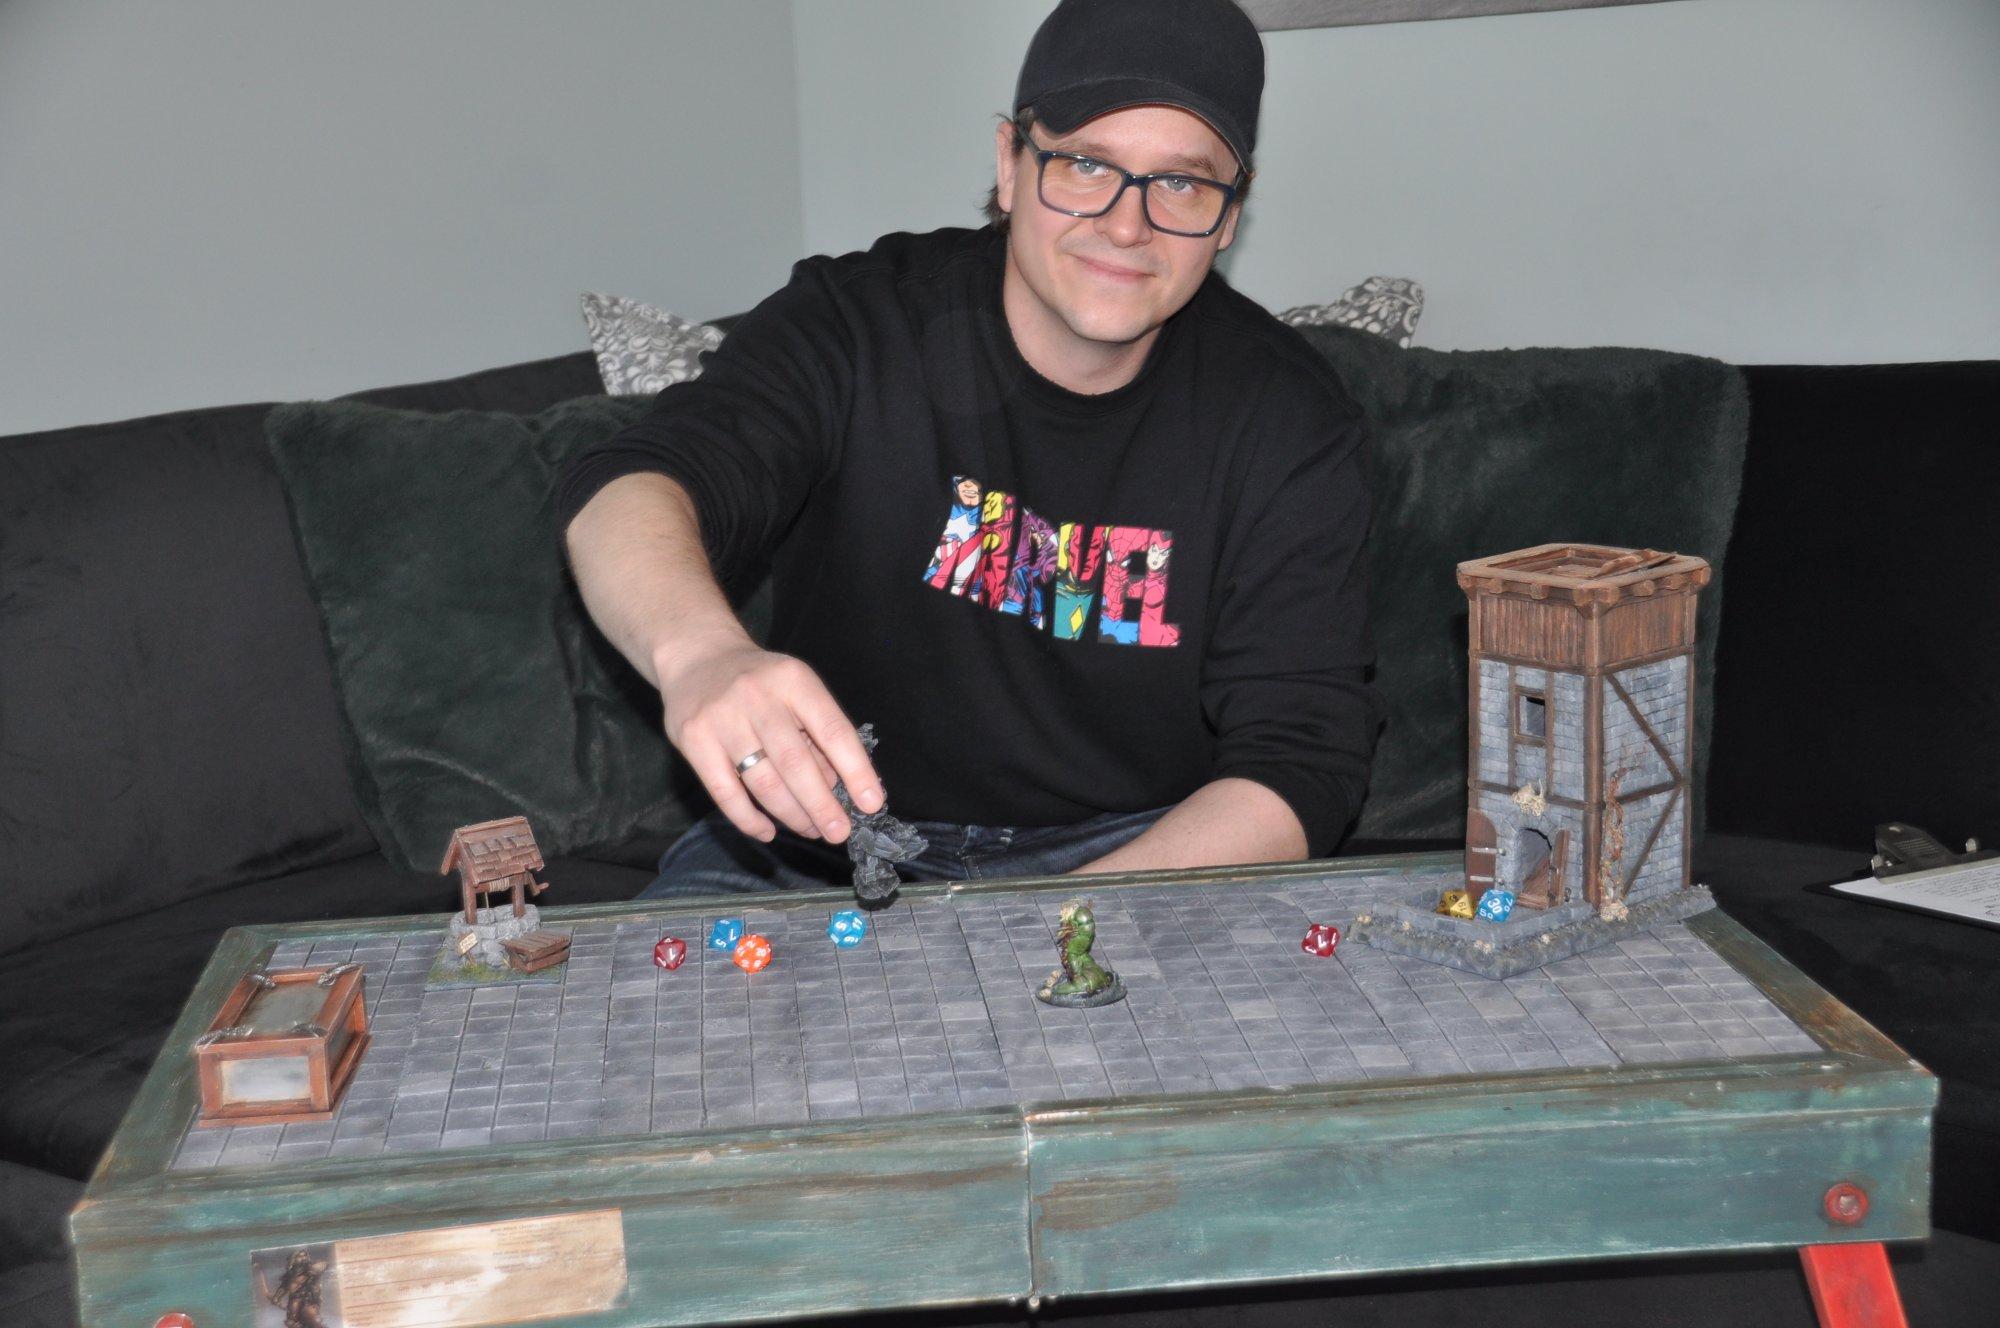 (+) Henrik (40) spiller til langt på natt – og har bursdag på en dag som er helt spesiell for ham og andre entusiaster